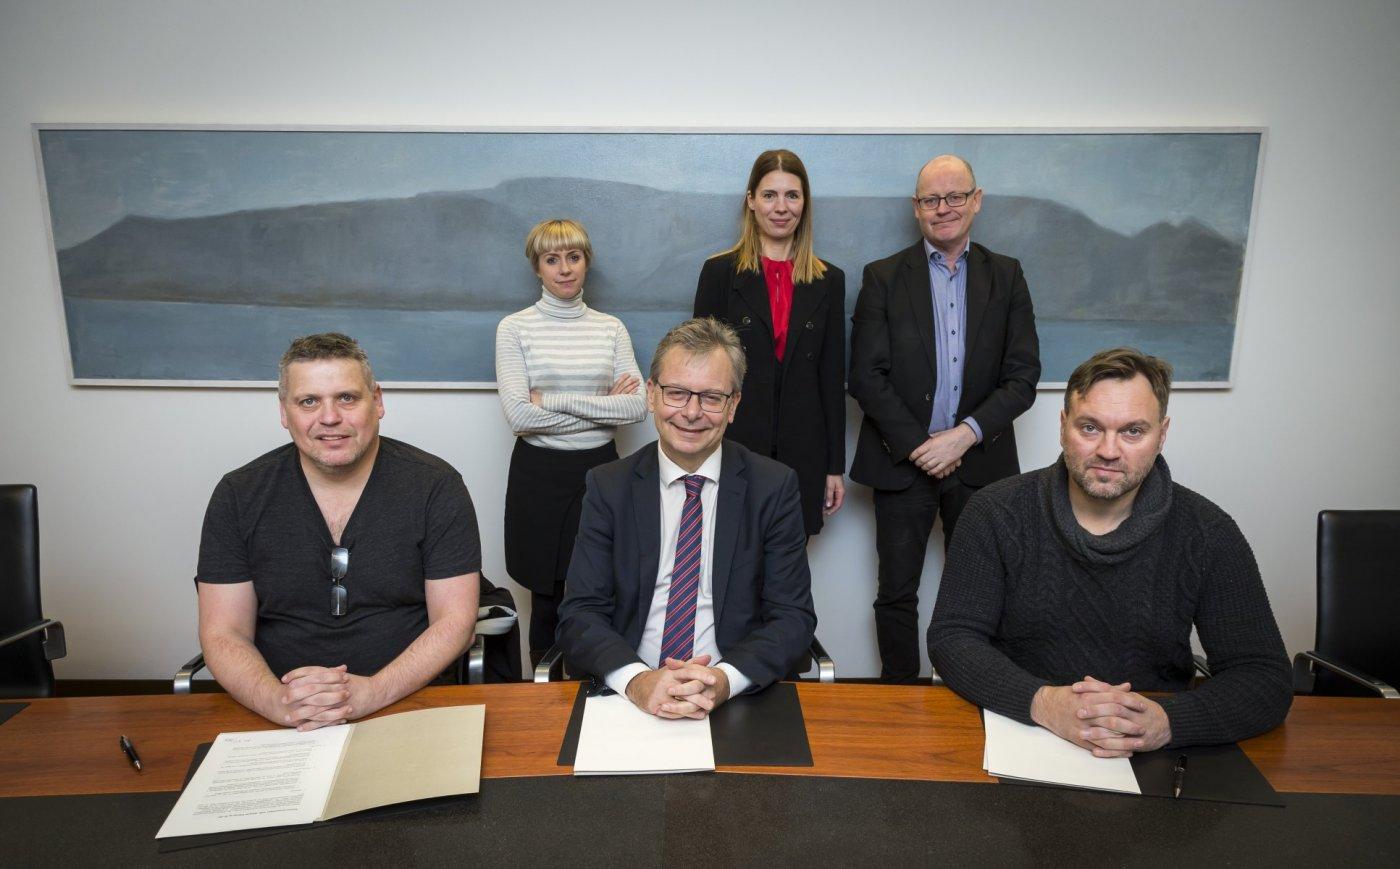 Fulltrúar 3Z ehf., Lífvísindaseturs og Háskóla Íslands við undirritun samningsins.